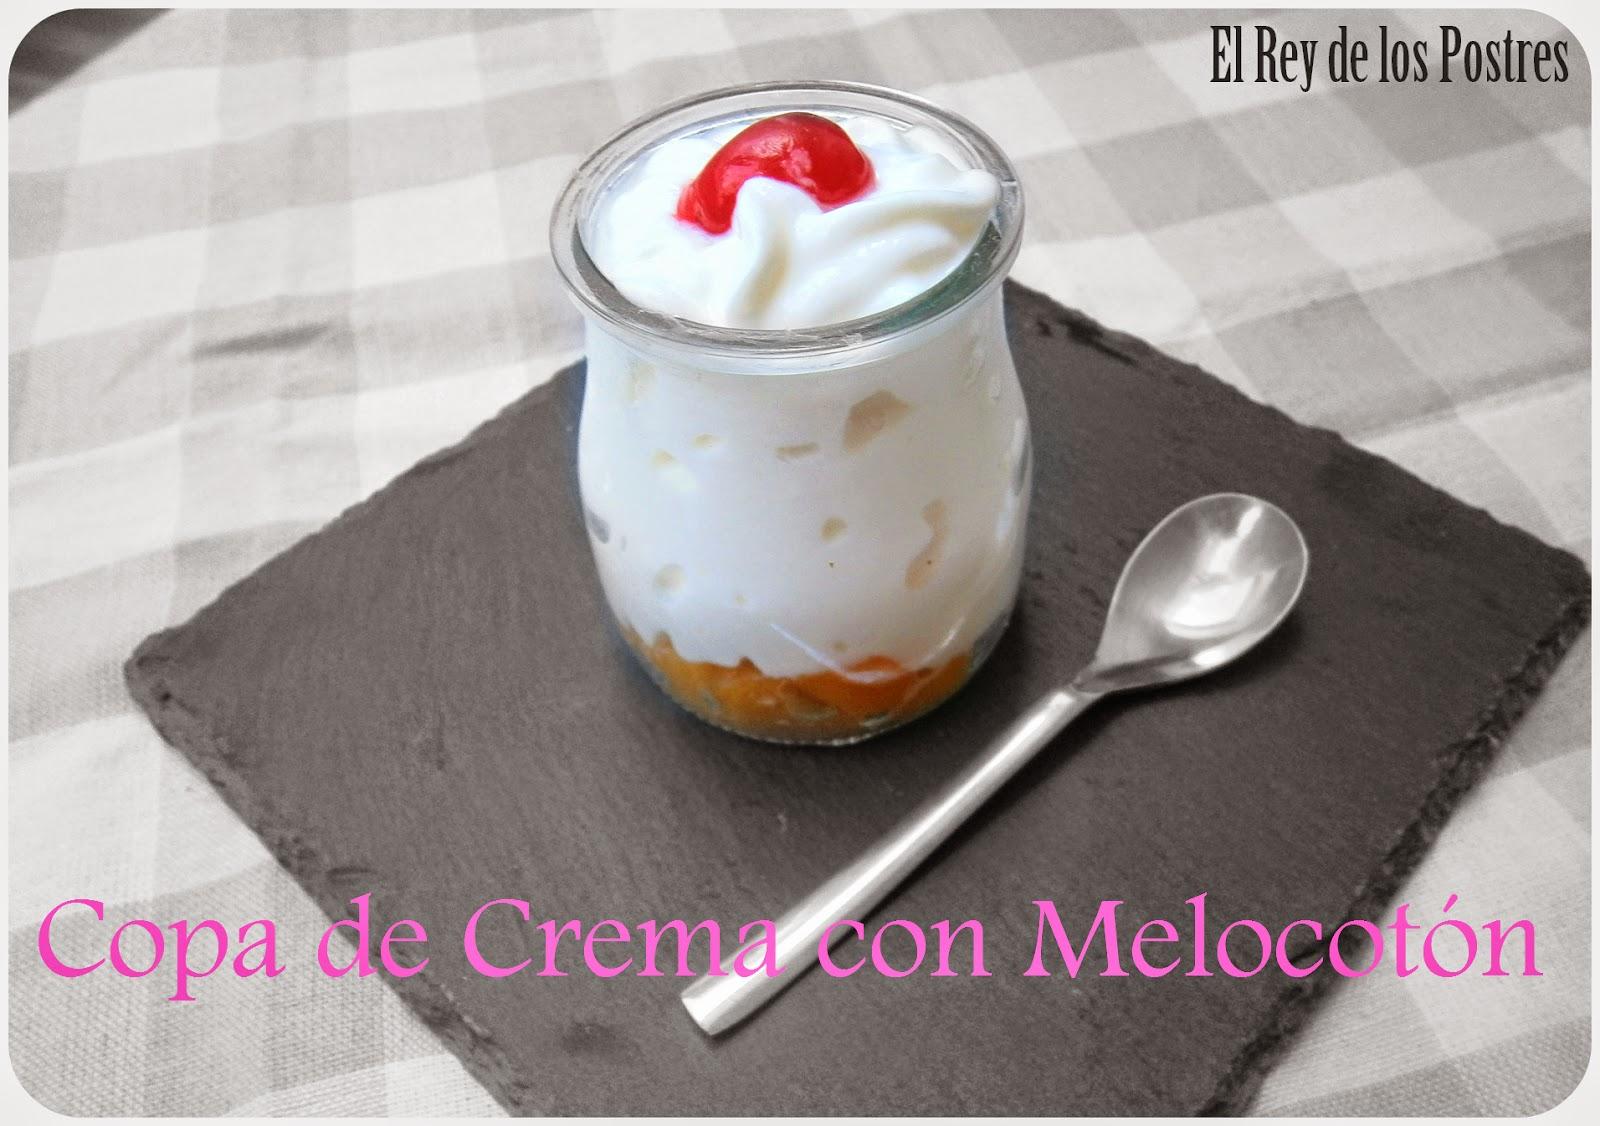 Copa de Crema con Melocotón.